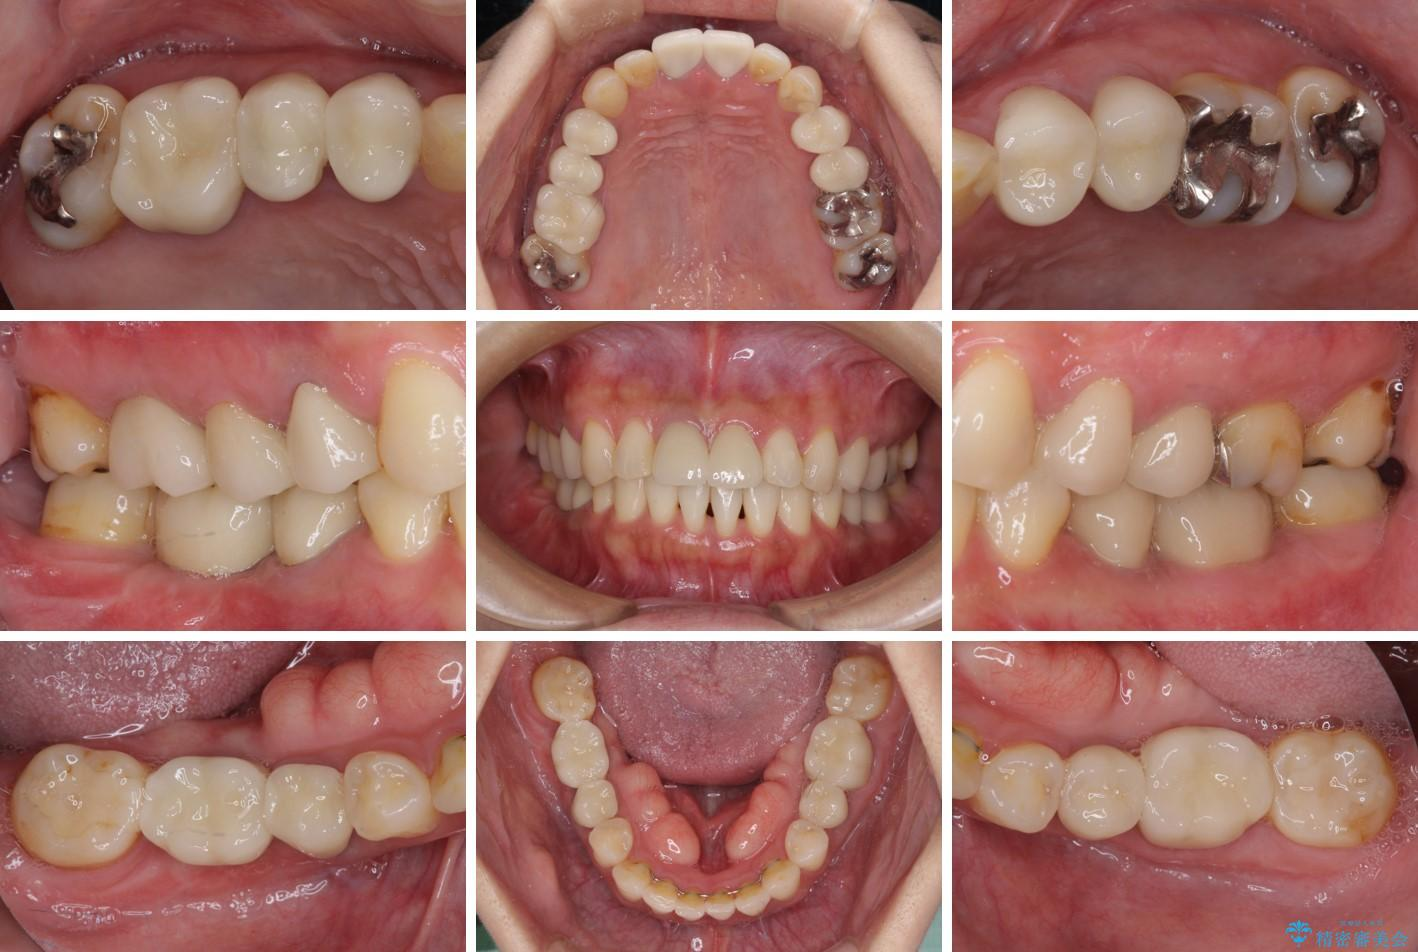 気になる部分を全て治療 総合歯科治療で口腔内環境改善 アフター